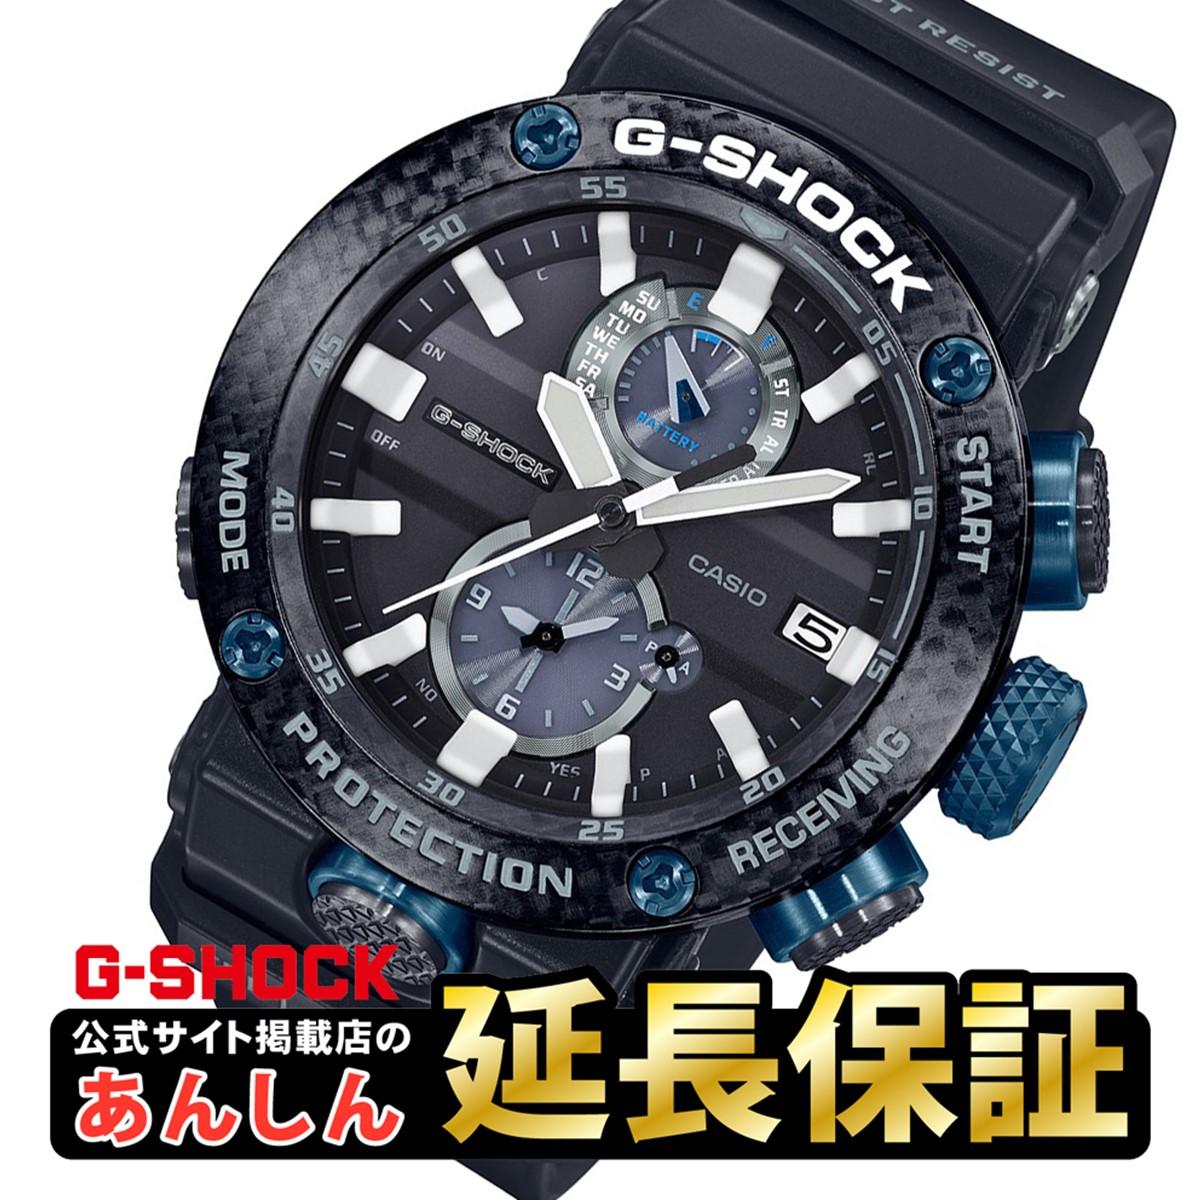 【クーポンでさらにお得!】カシオ Gショック GWR-B1000-1A1JF グラビティマスター カーボンコアガード構造 × Bluetooth搭載 電波ソーラー メンズ 腕時計 CASIO G-SHOCK マスターオブG 【0319】_10spl